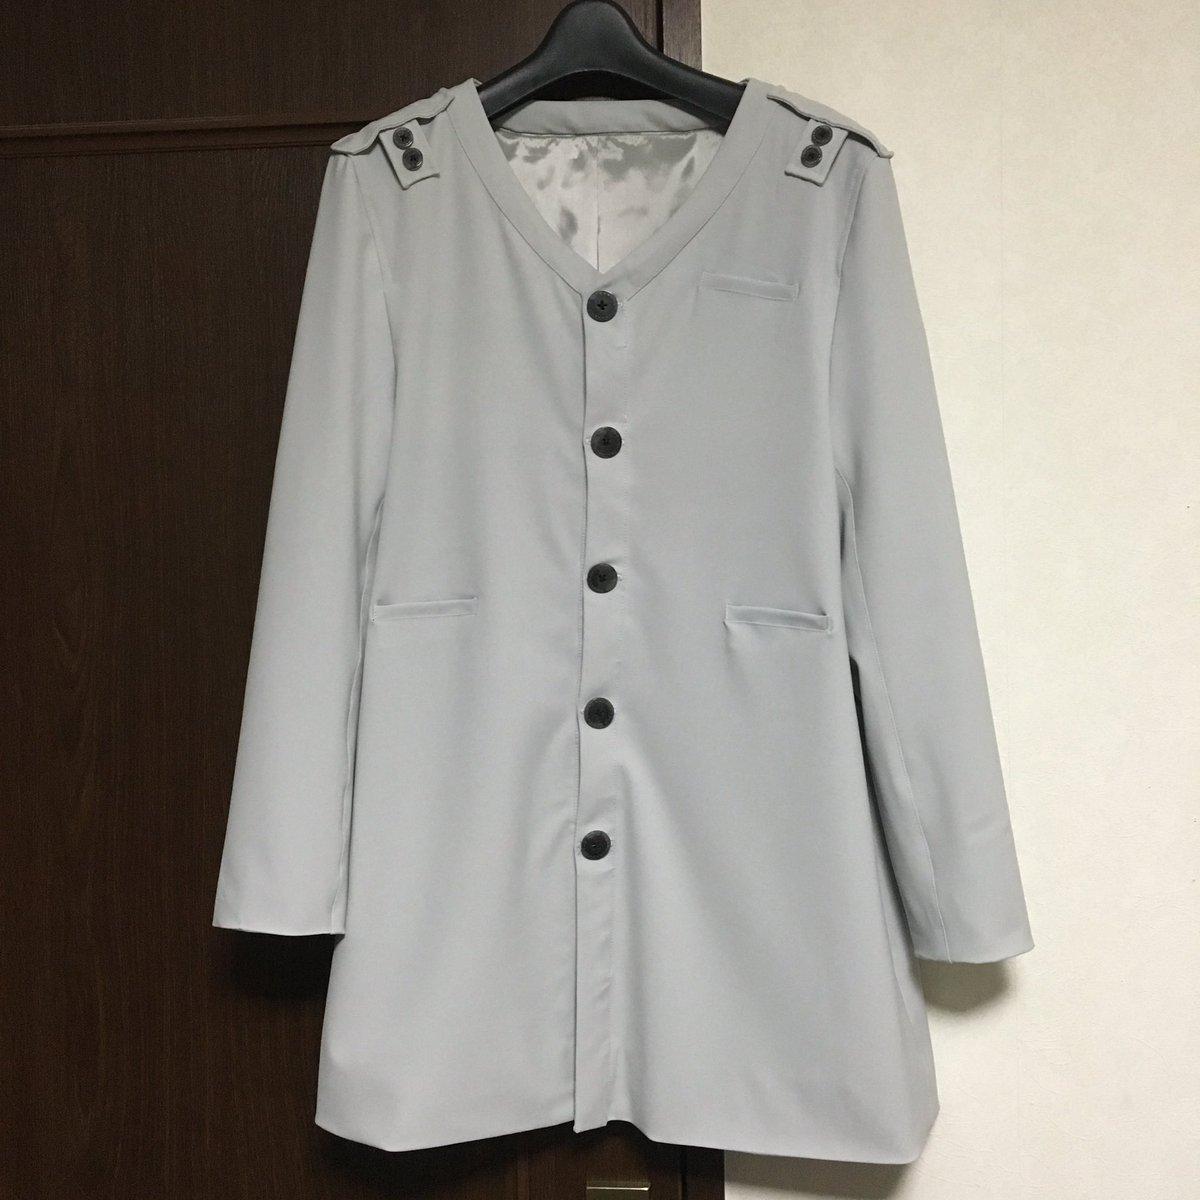 #東京喰種 :re むつこと、うりうりのコートと、うりうりの手袋と、不知吟士のツナギ(ง ˙ω˙)ว #繋がらなくていい